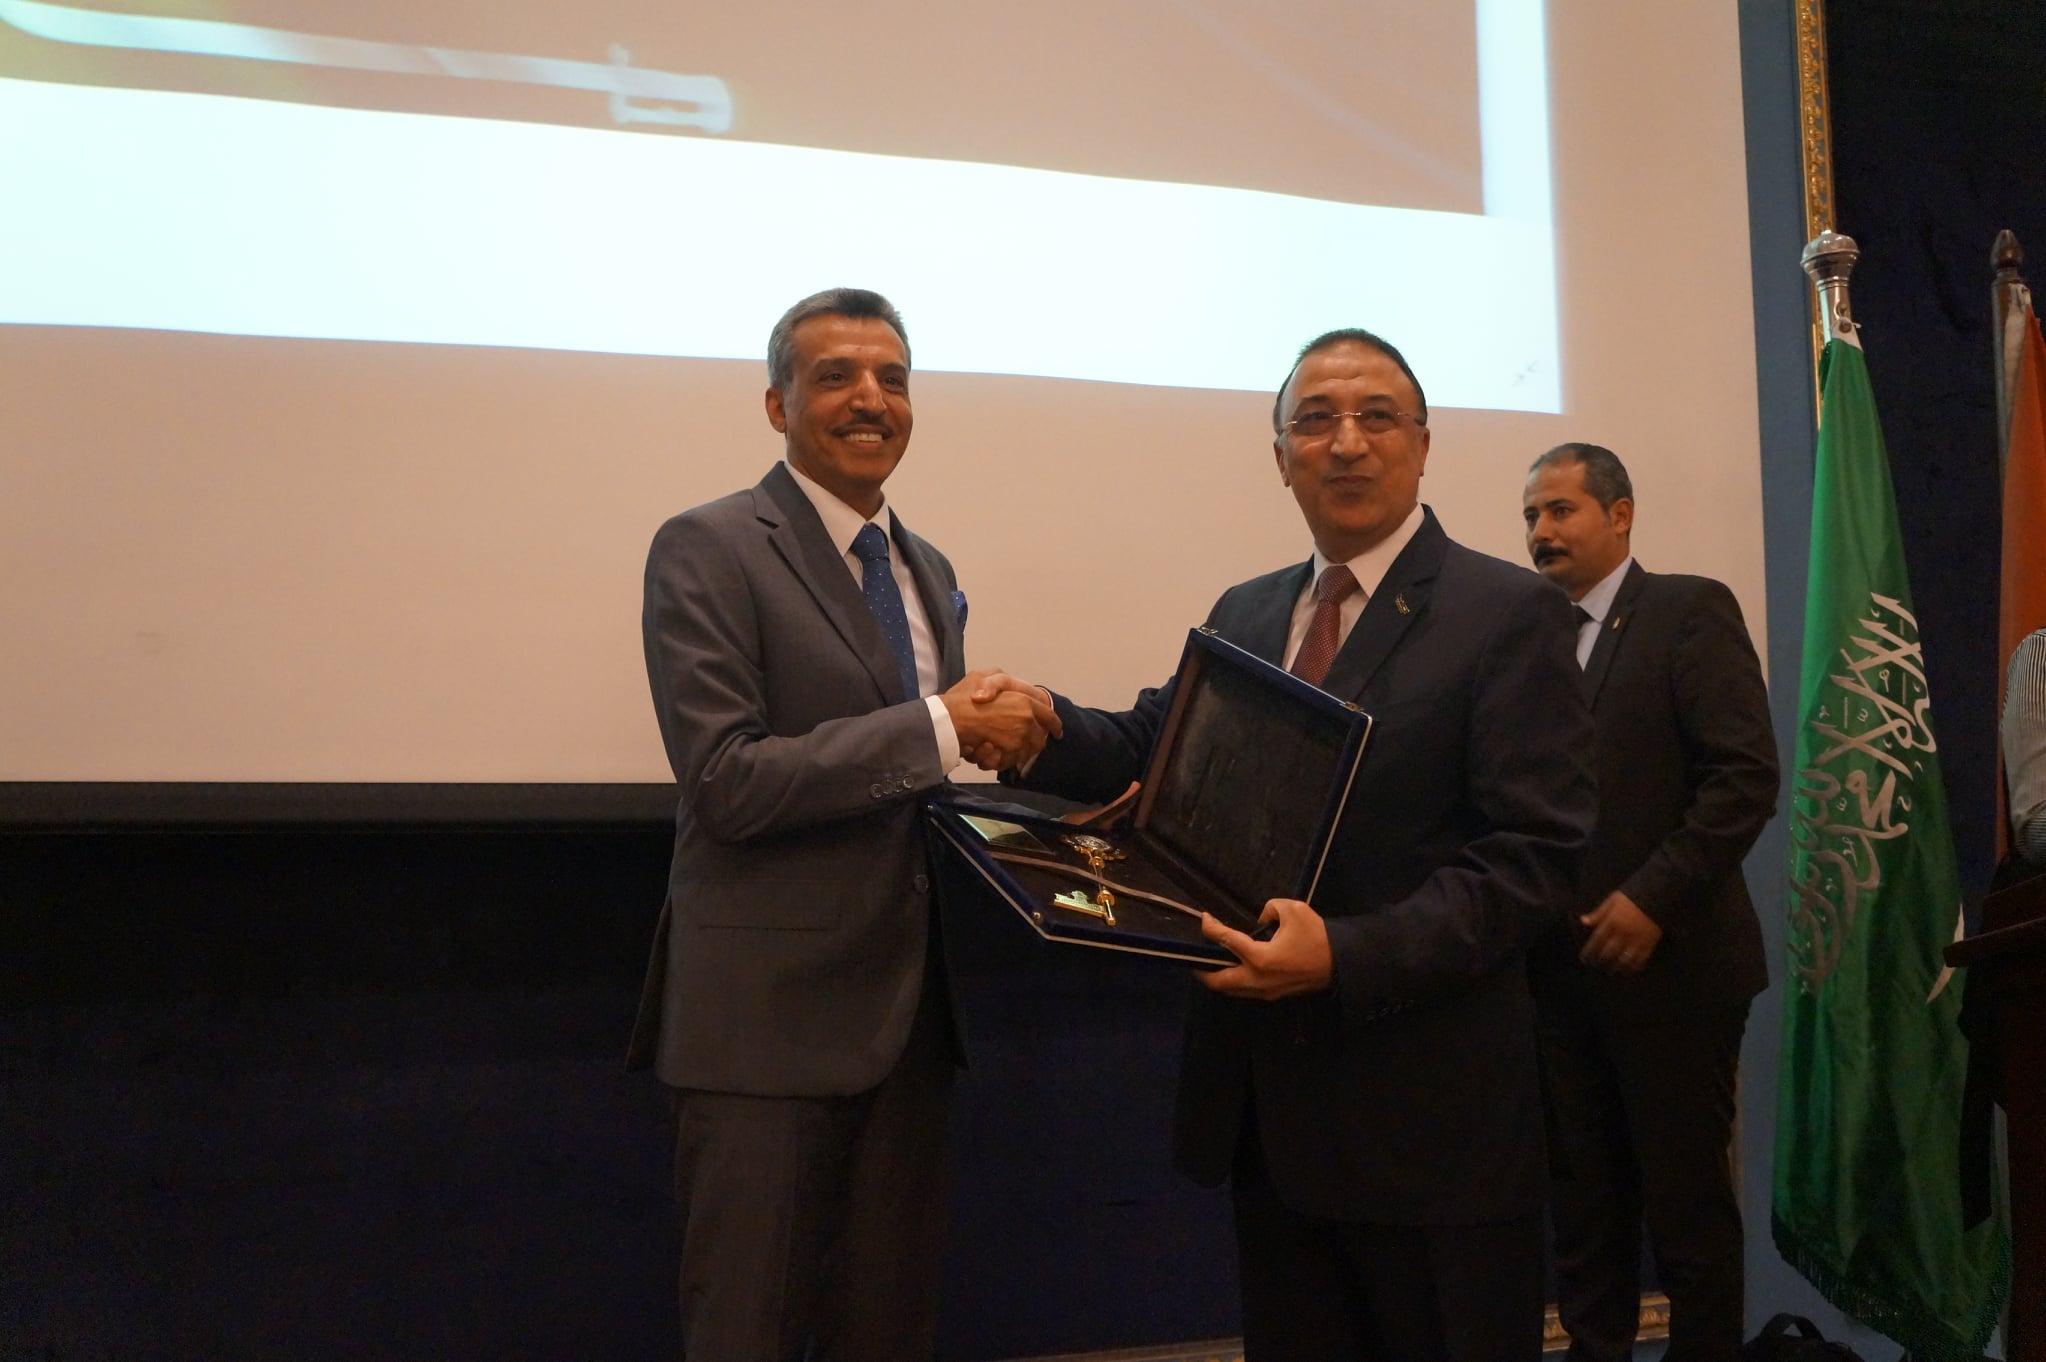 محافظ الإسكندرية يكرم السفير يوسف بن صالح القهرة  - من فيس بوك الغرفة التجارية بالإسكندرية